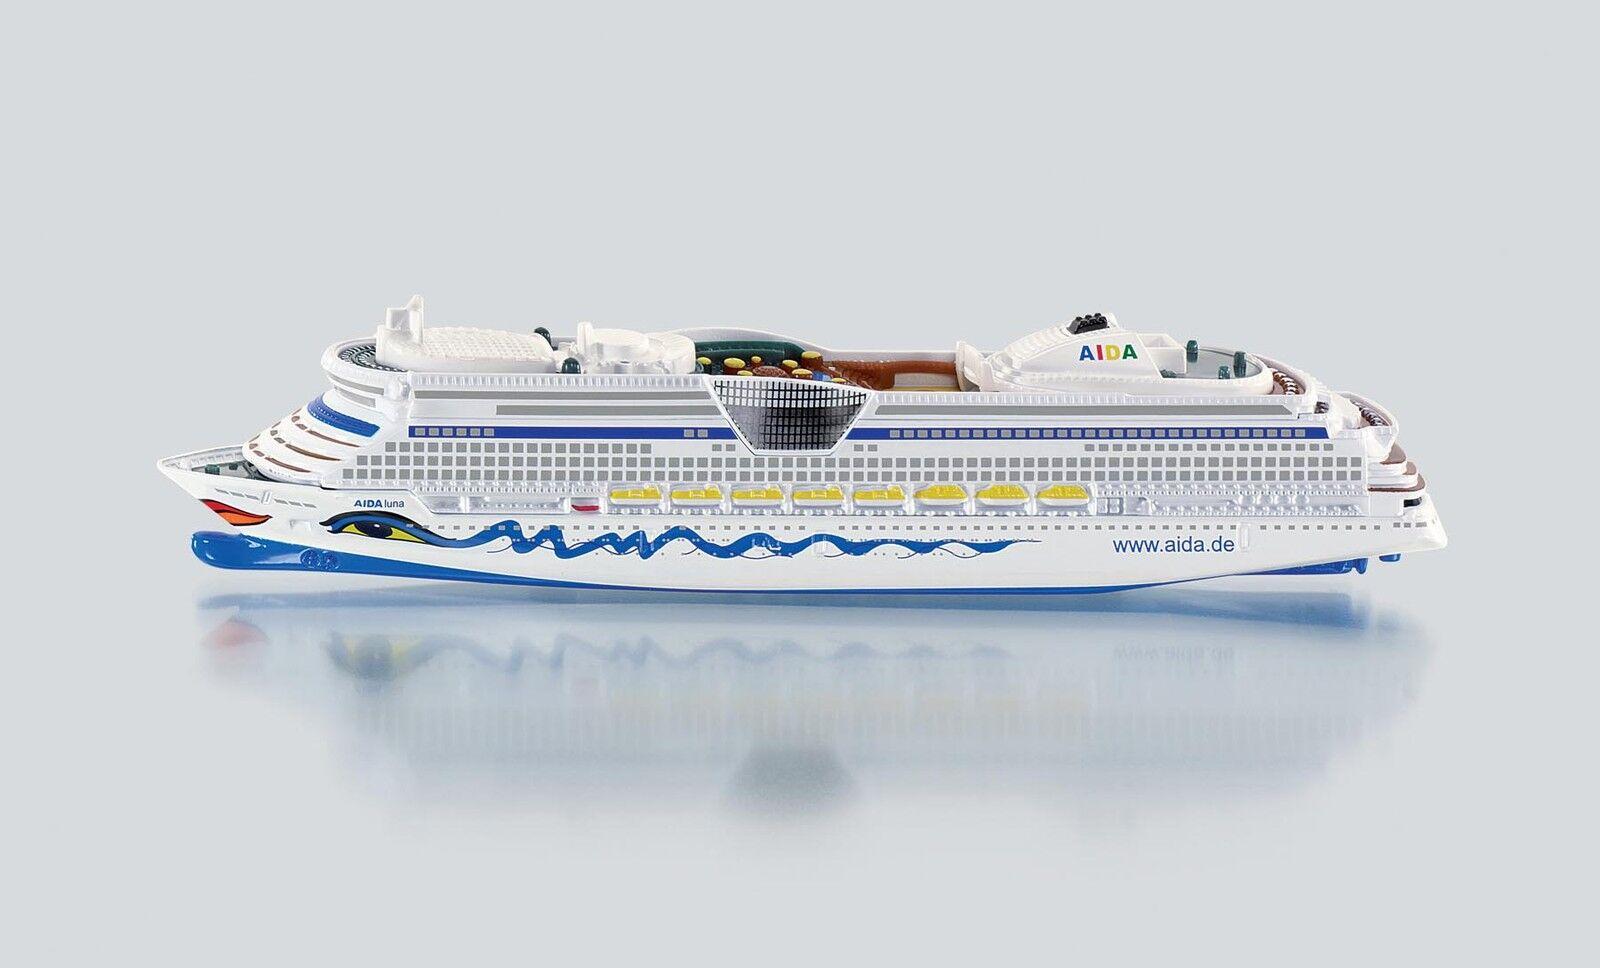 Siku 1720 Aida Luna Cruise Ship Scale Diecast Scale 1 1400 20 14 Picclick